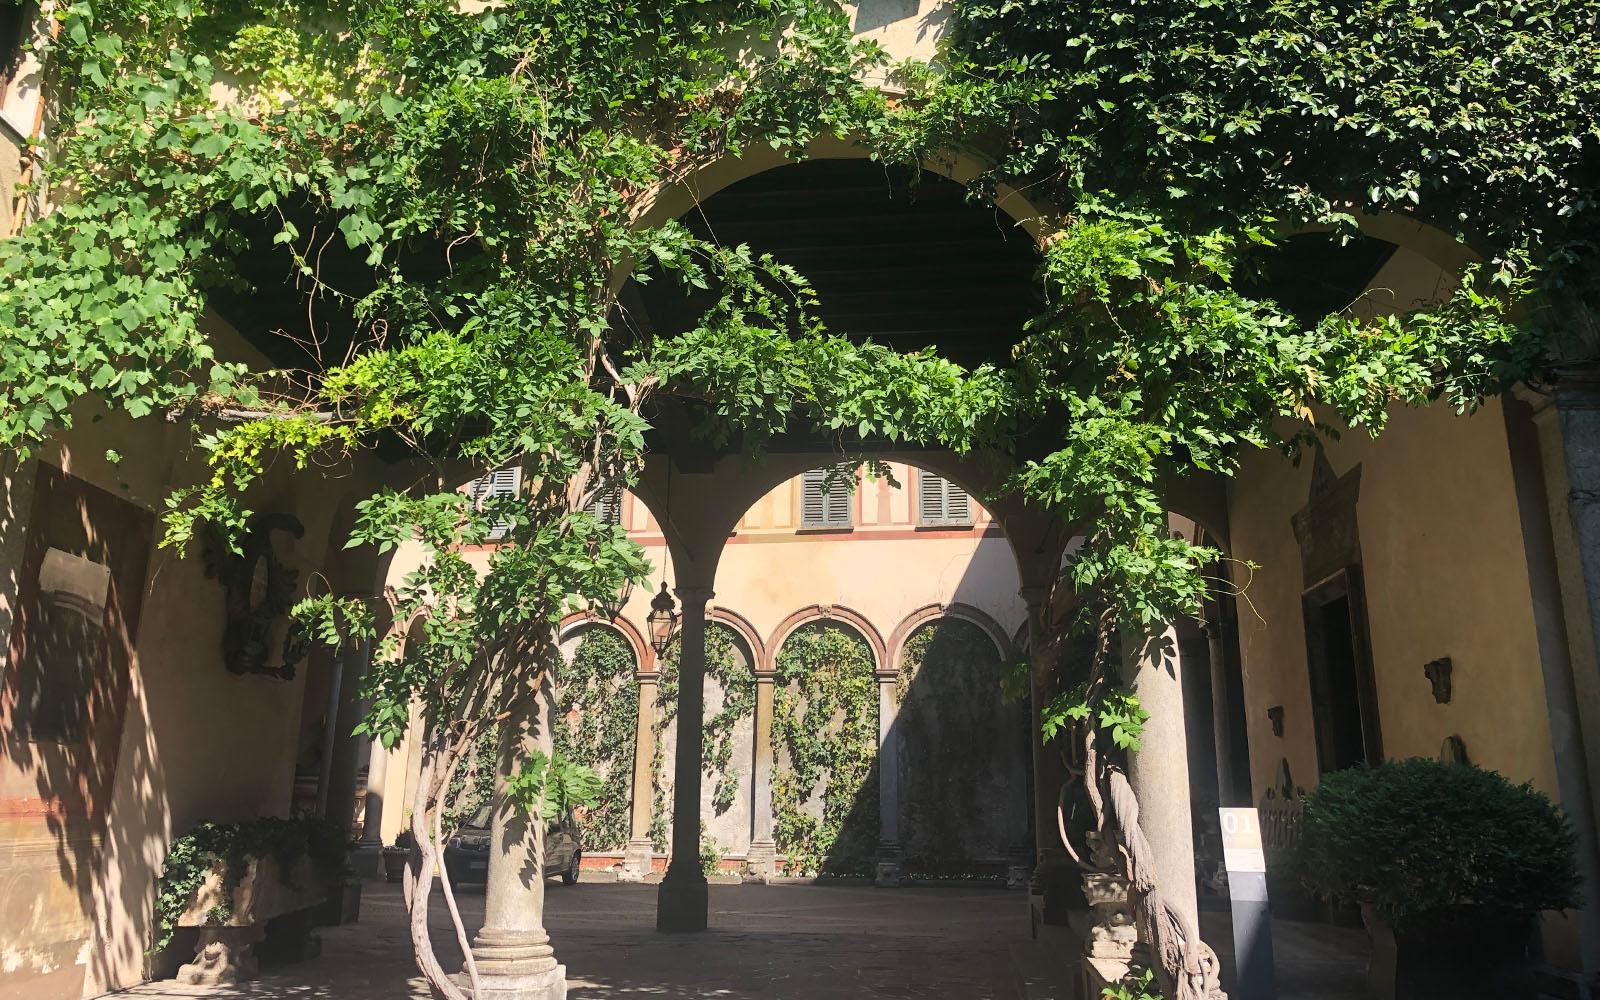 Le corti interne di Casa degli Atellani.